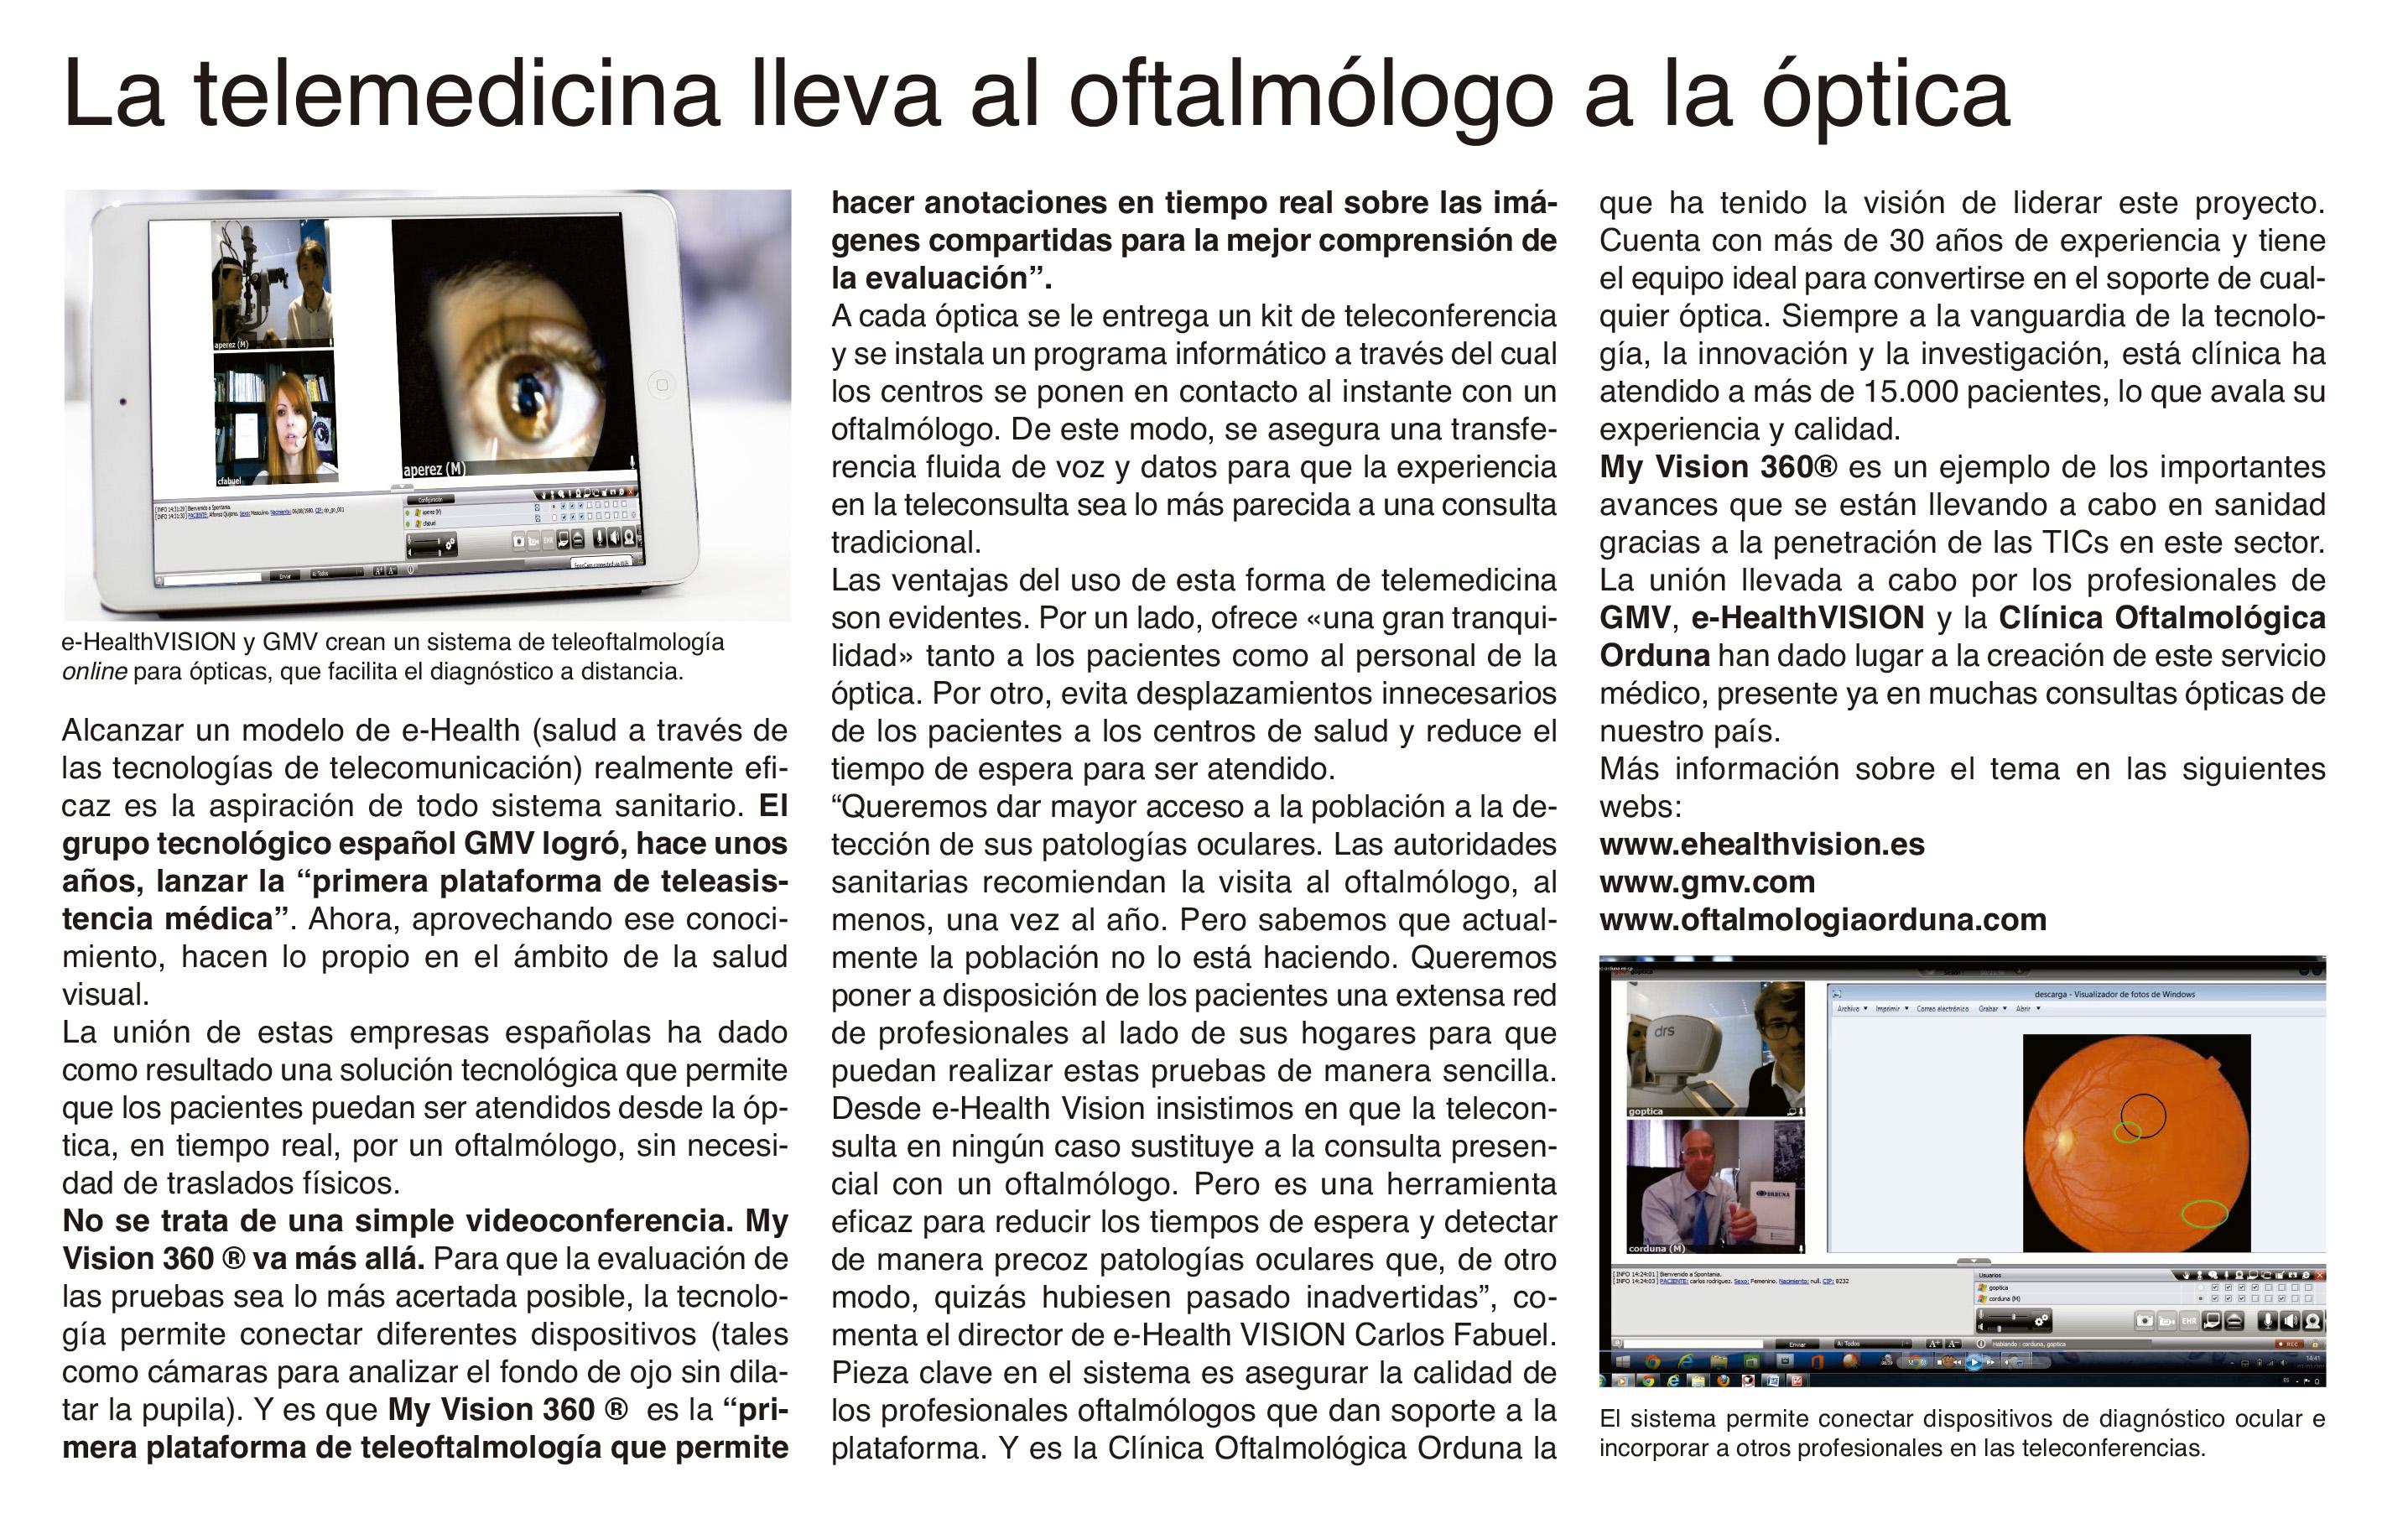 e-HealthVision y GMV